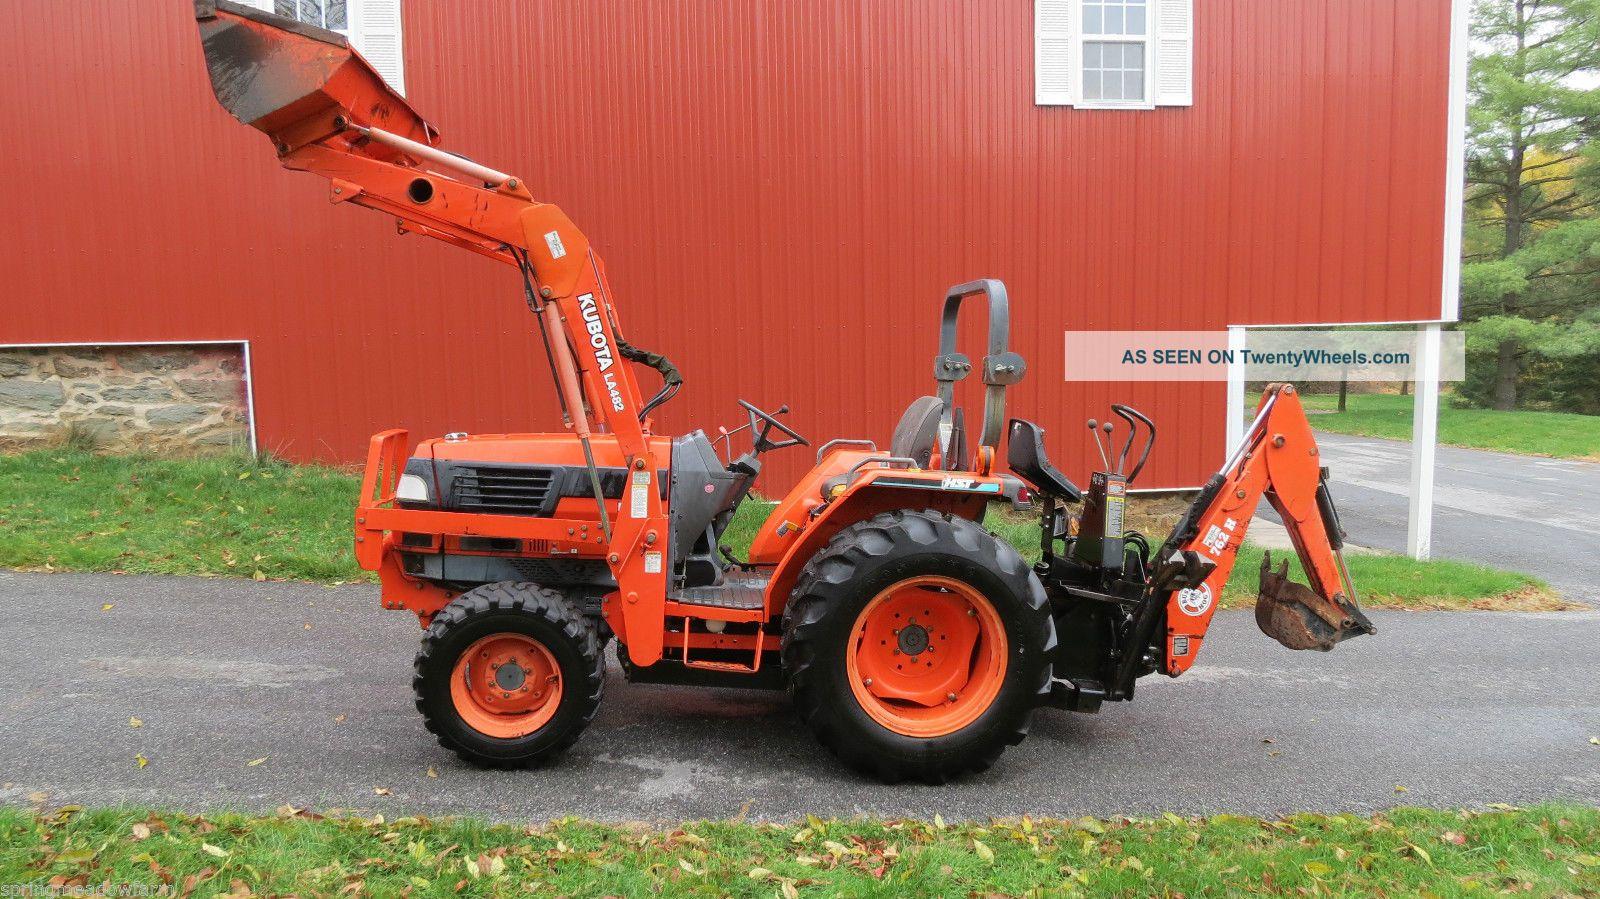 2000 Kubota L3010 4x4 Hydrostatic Compact Tractor Loader Backhoe 745